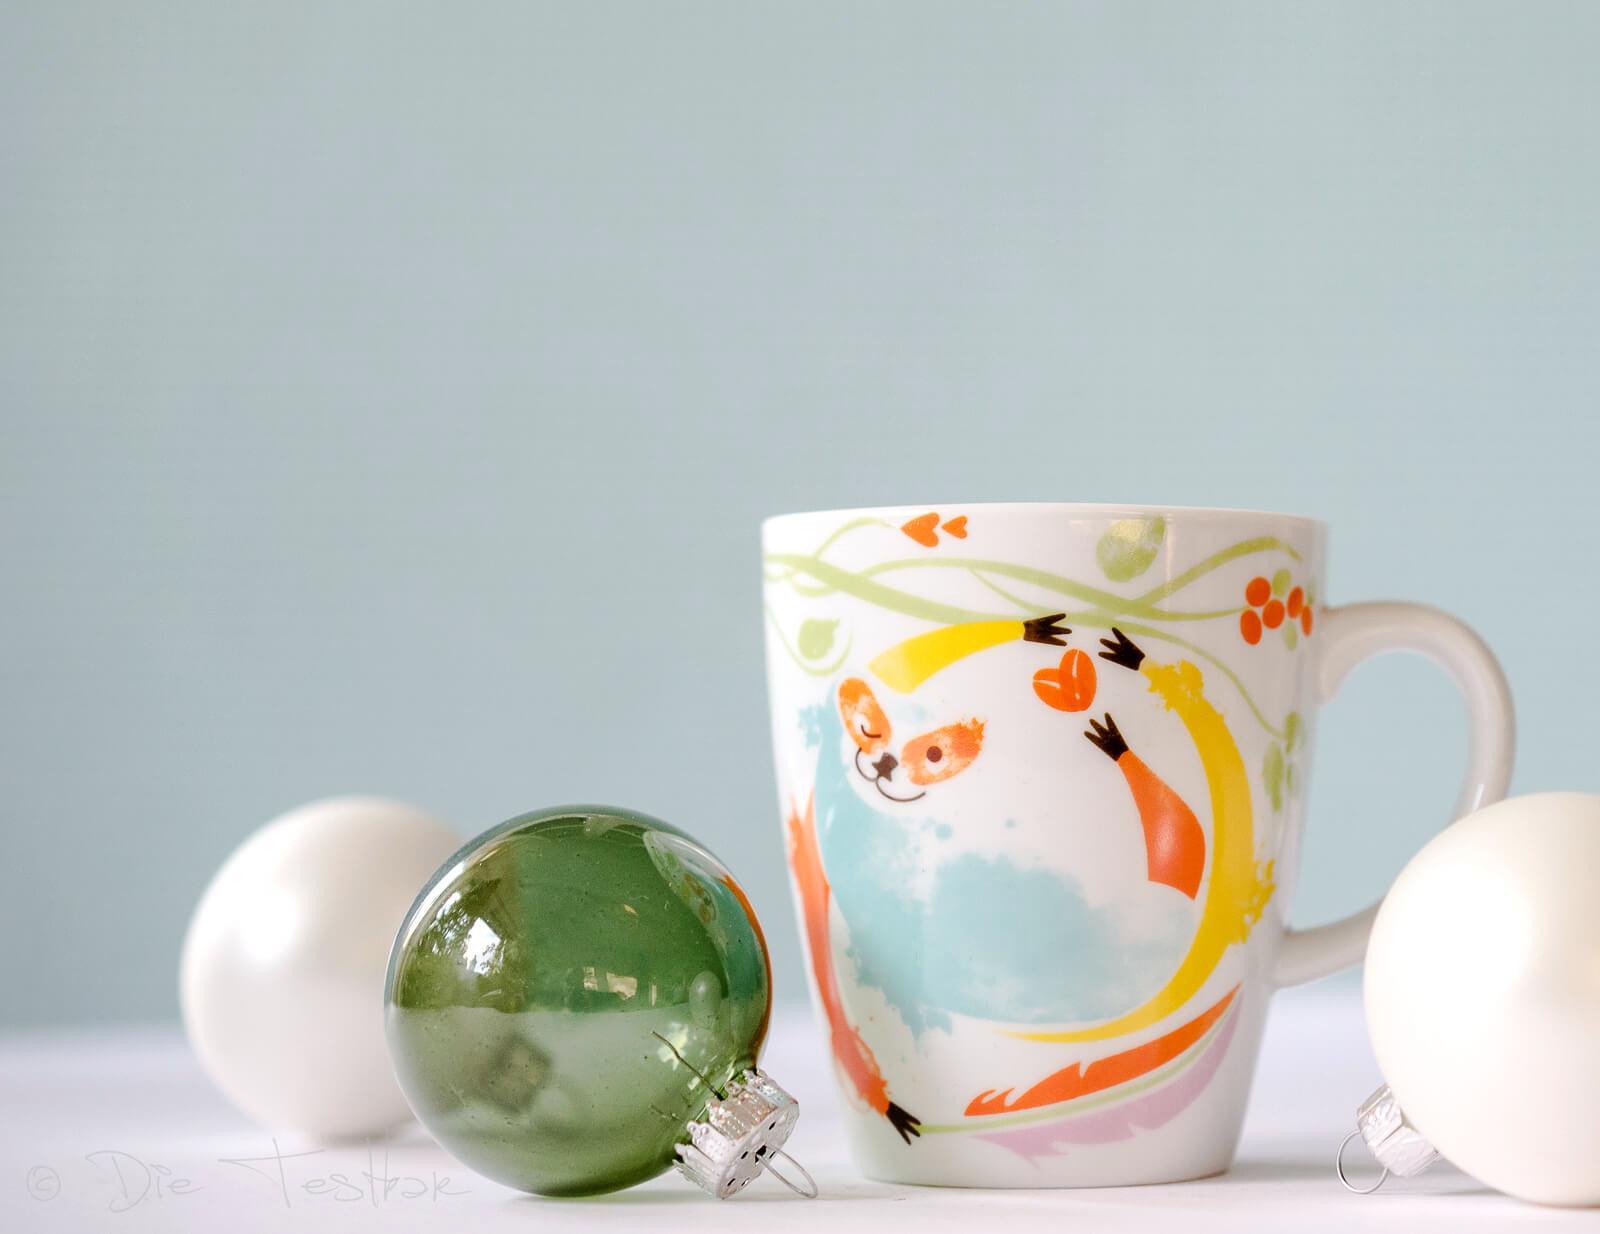 My Darling Kaffeebecher von Petra Mohr vonRitzenhoff